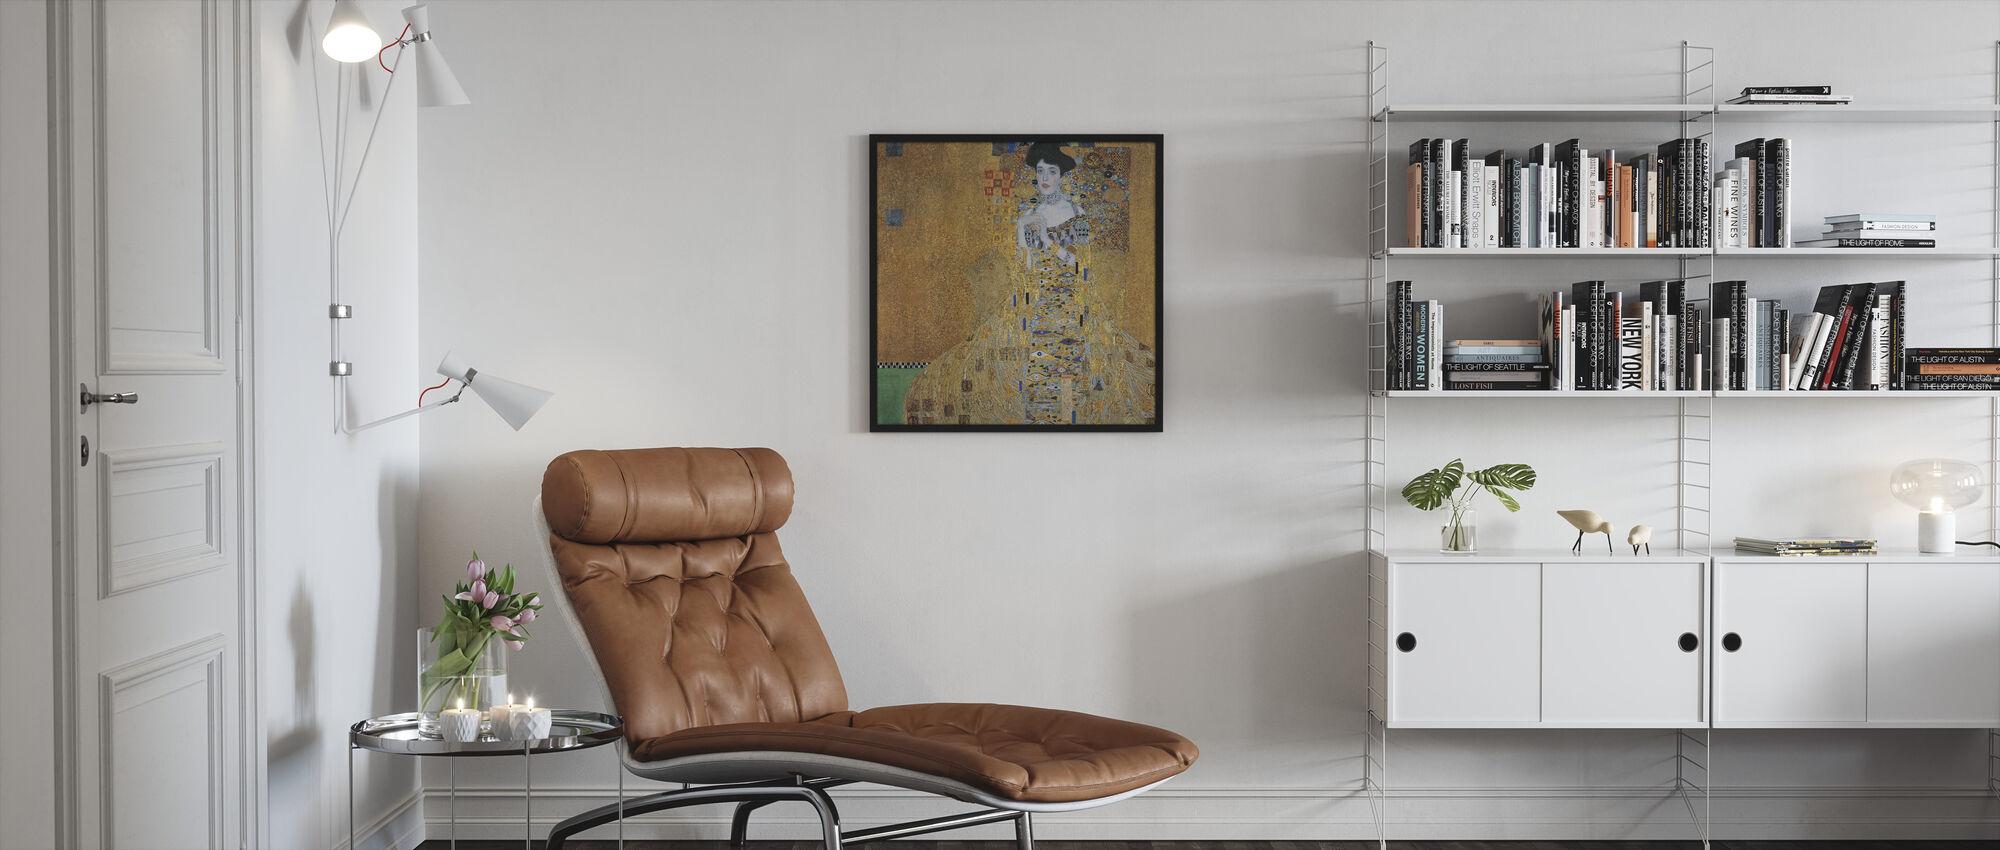 Klimt, Gustav - Adele Bloch-Bauer I - Ingelijste print - Woonkamer